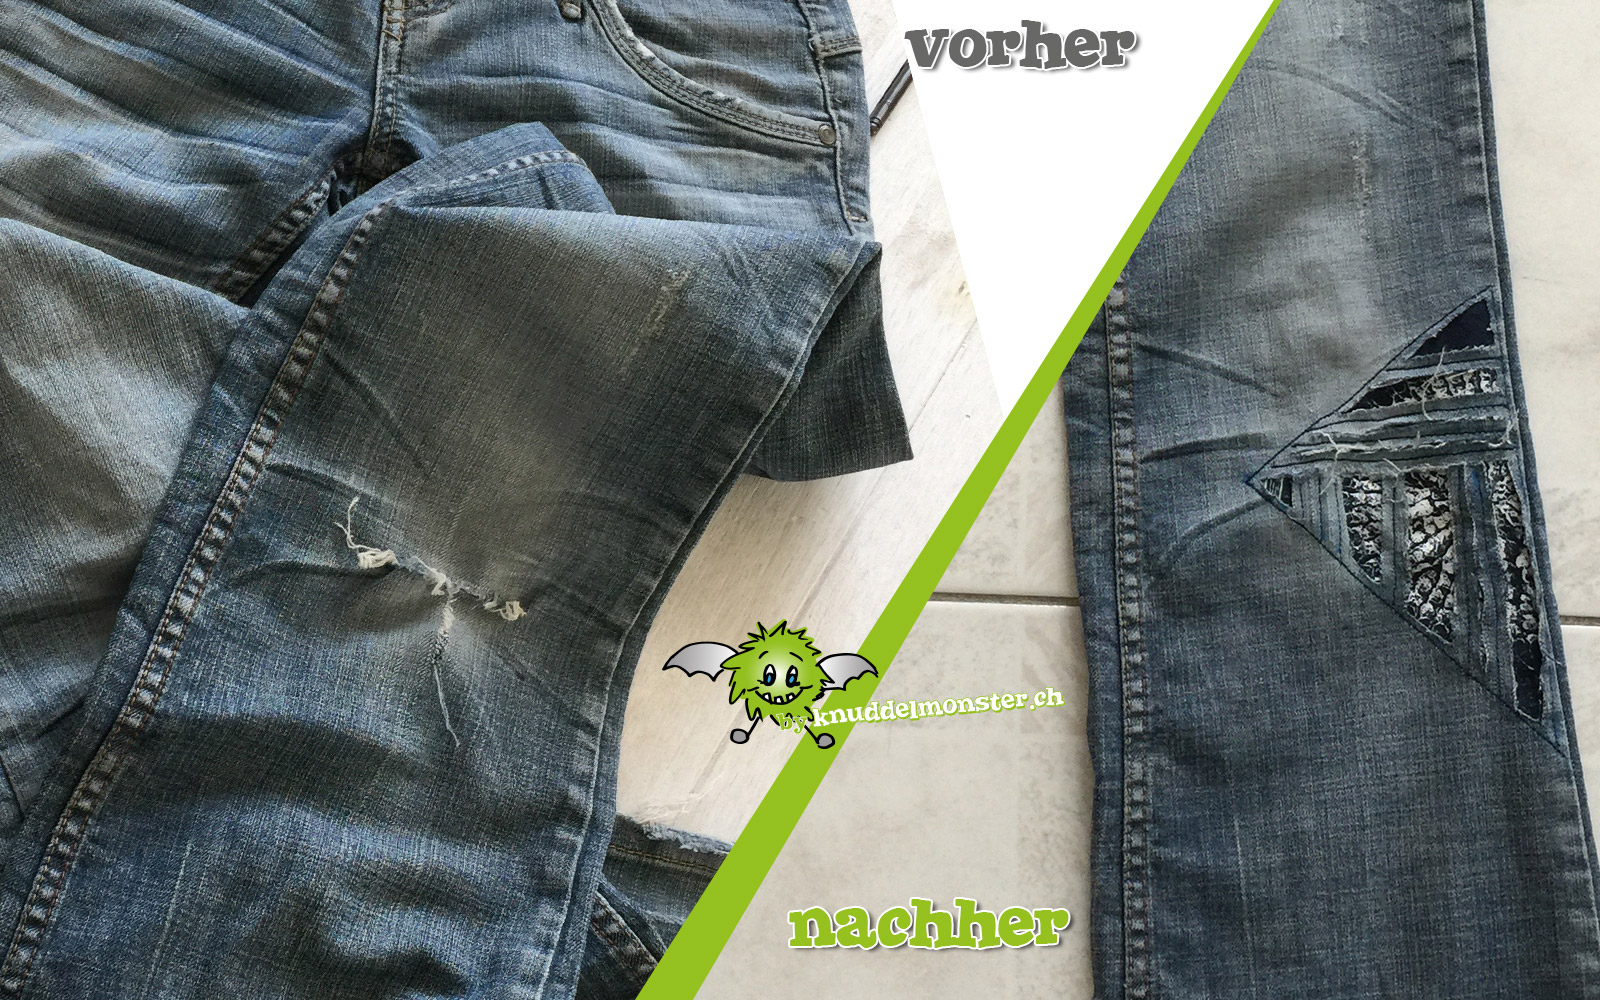 Jeans flicken durch negativ applizieren